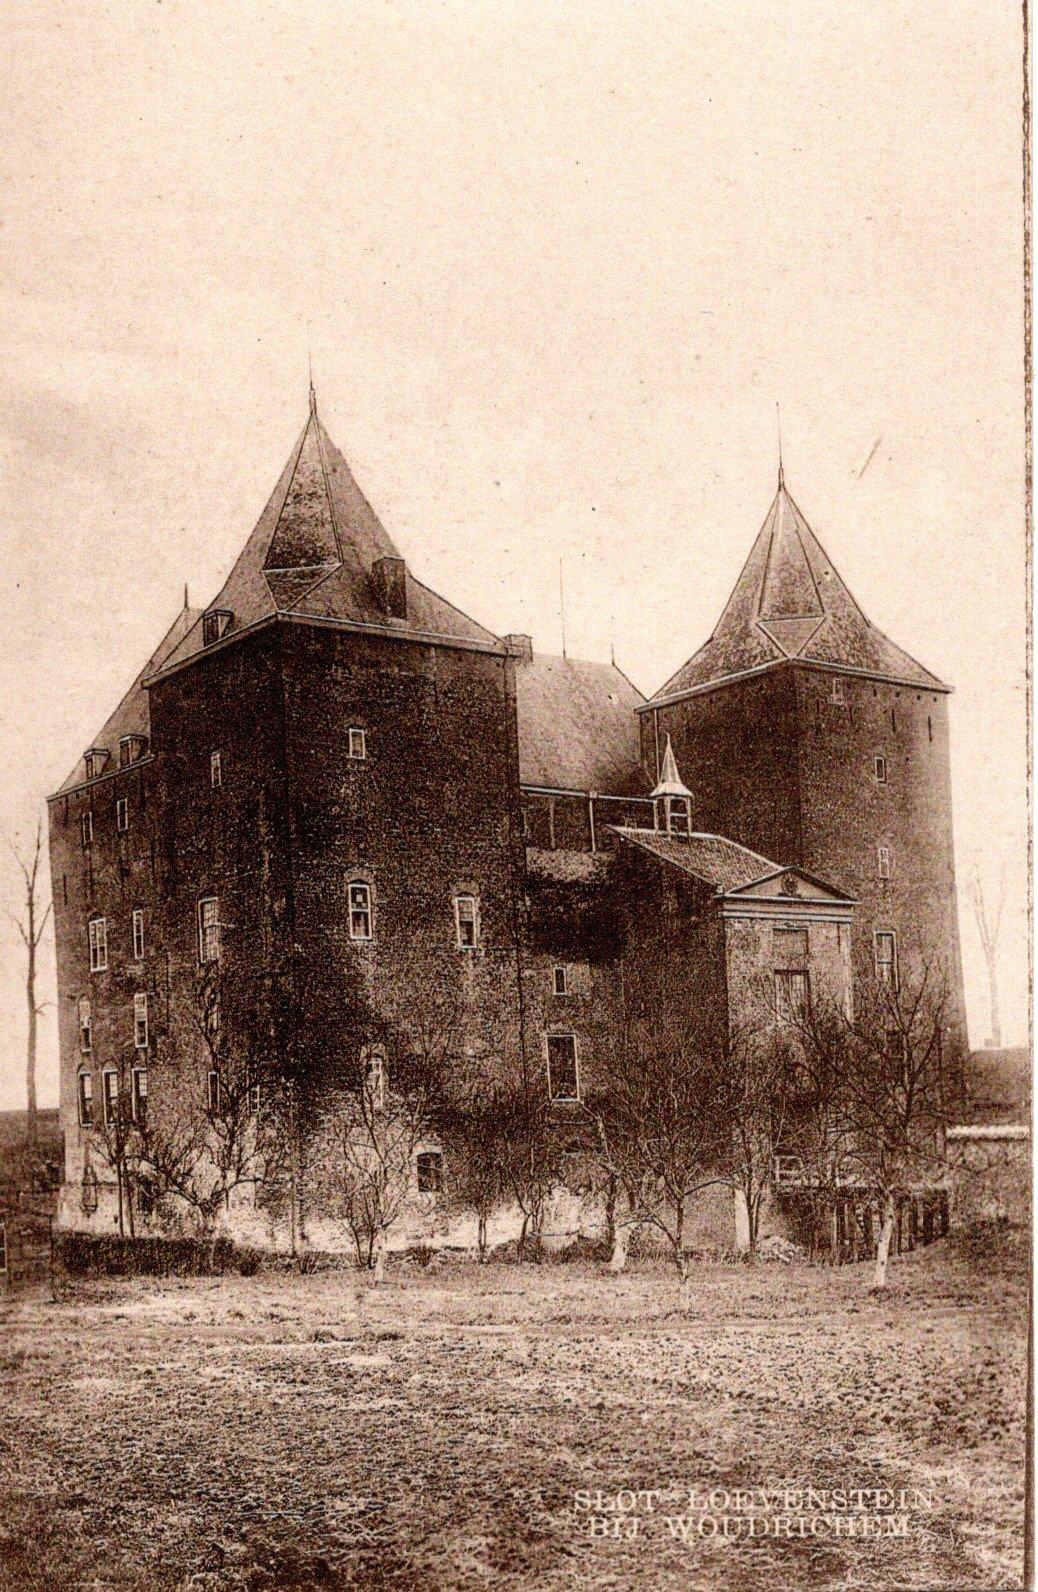 D10-Slot-Loevestein-bij-Woudrichem-ca-1920